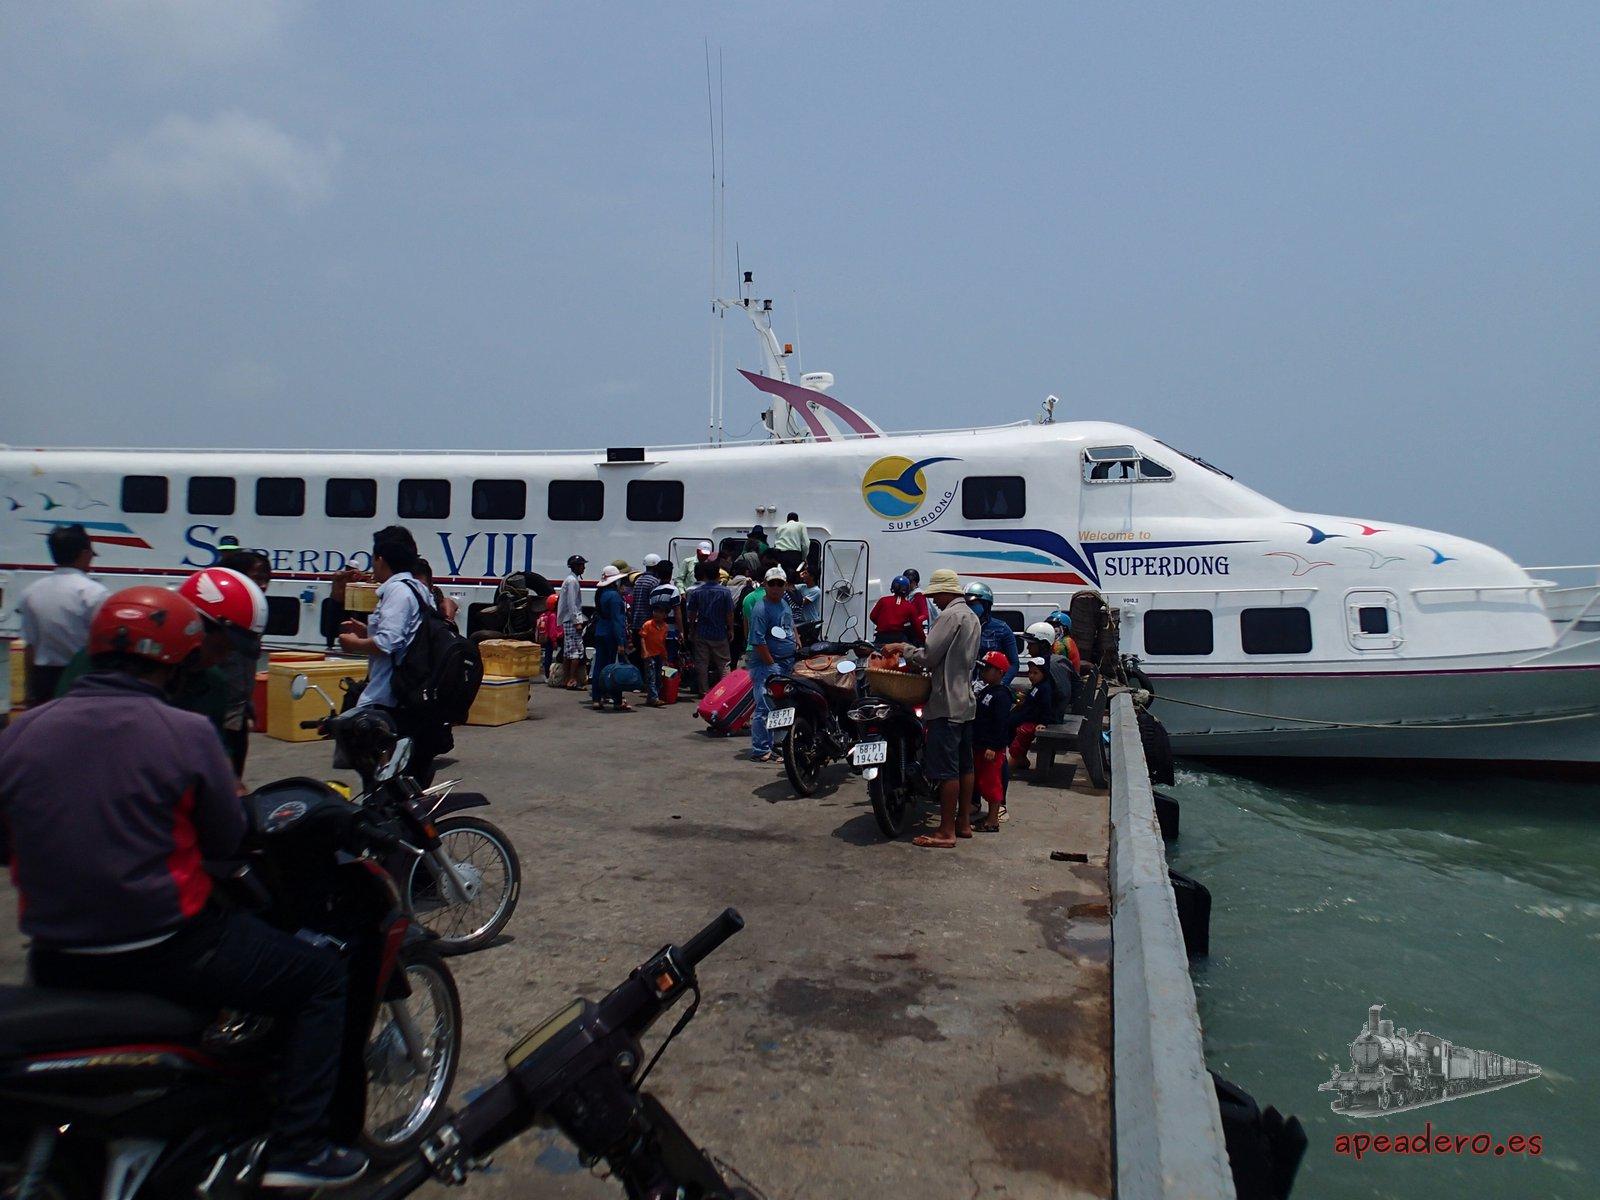 Phu Quoc: cómo llegar y salir de la isla